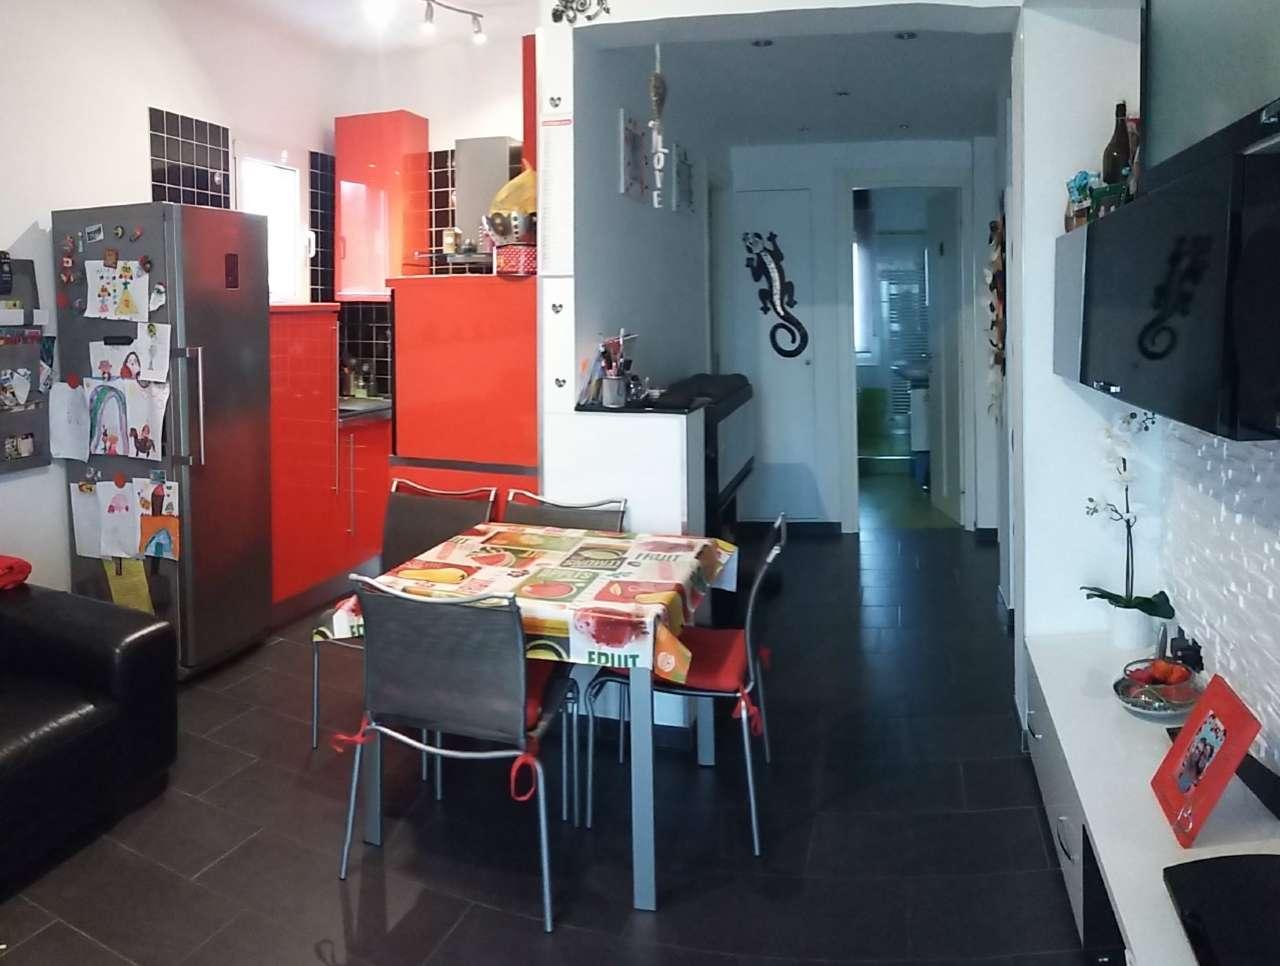 Appartamento in vendita a Trieste, 2 locali, prezzo € 85.000 | Cambio Casa.it